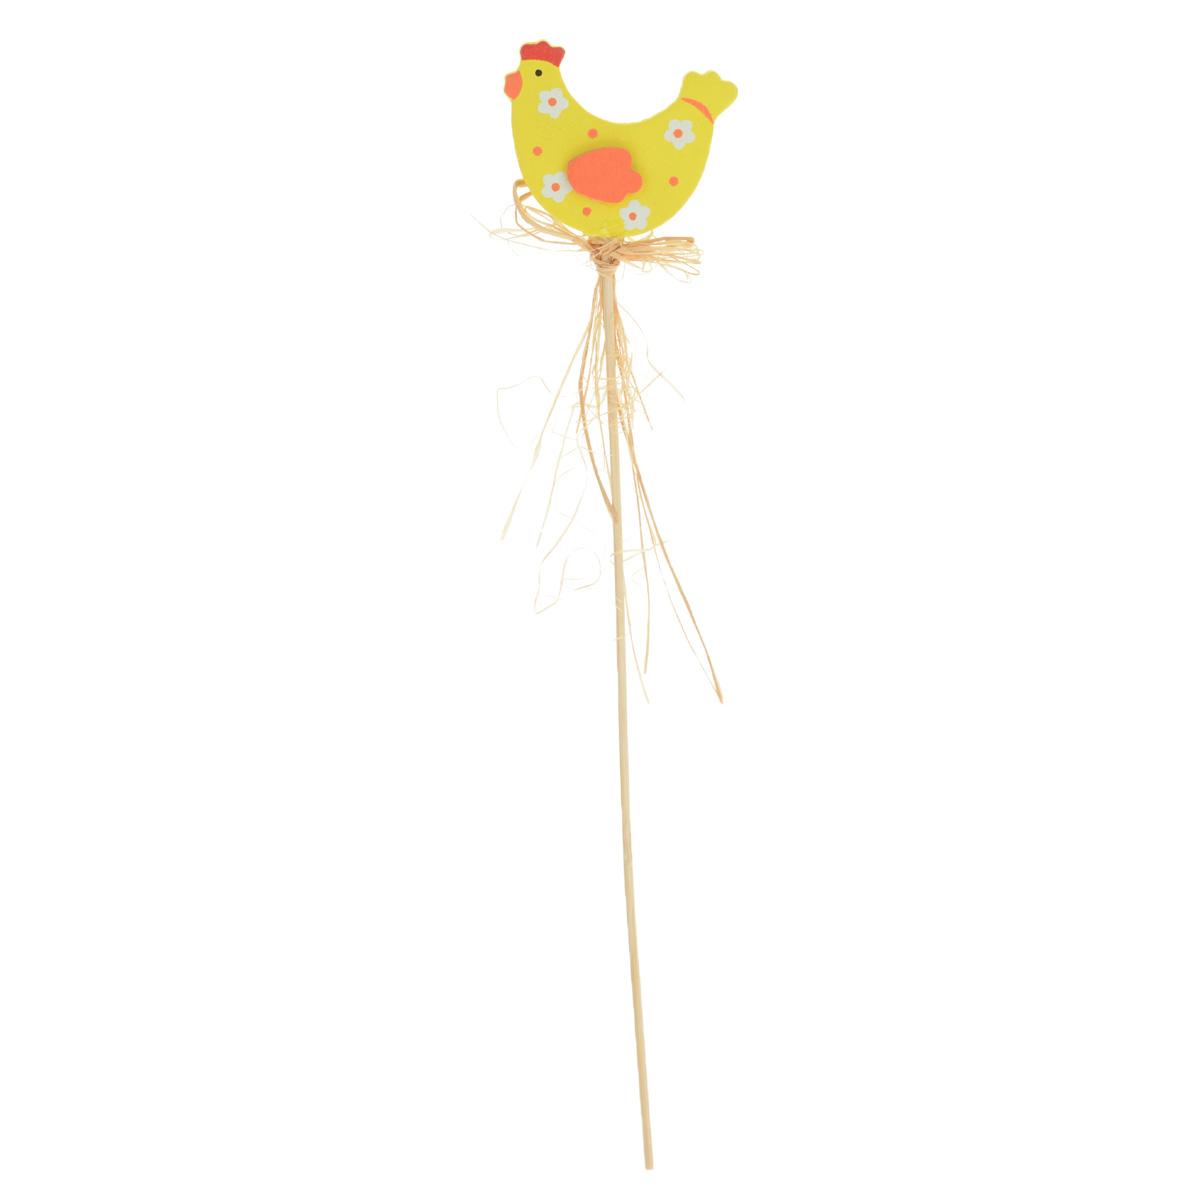 Декоративное пасхальное украшение на ножке Home Queen Наседки, высота 30,5 см. 66761_курочка в цветочек66761_3Украшение пасхальное Home Queen Наседки изготовлено из высококачественного дерева и предназначено для украшения праздничного стола. Украшение выполнено в виде милой курочки на деревянной шпажке и украшено текстильным бантом. Такое украшение прекрасно дополнит подарок для друзей и близких на Пасху. Высота: 30,5 см. Размер фигурки: 5,5 см х 0,5 см х 6,5 см.